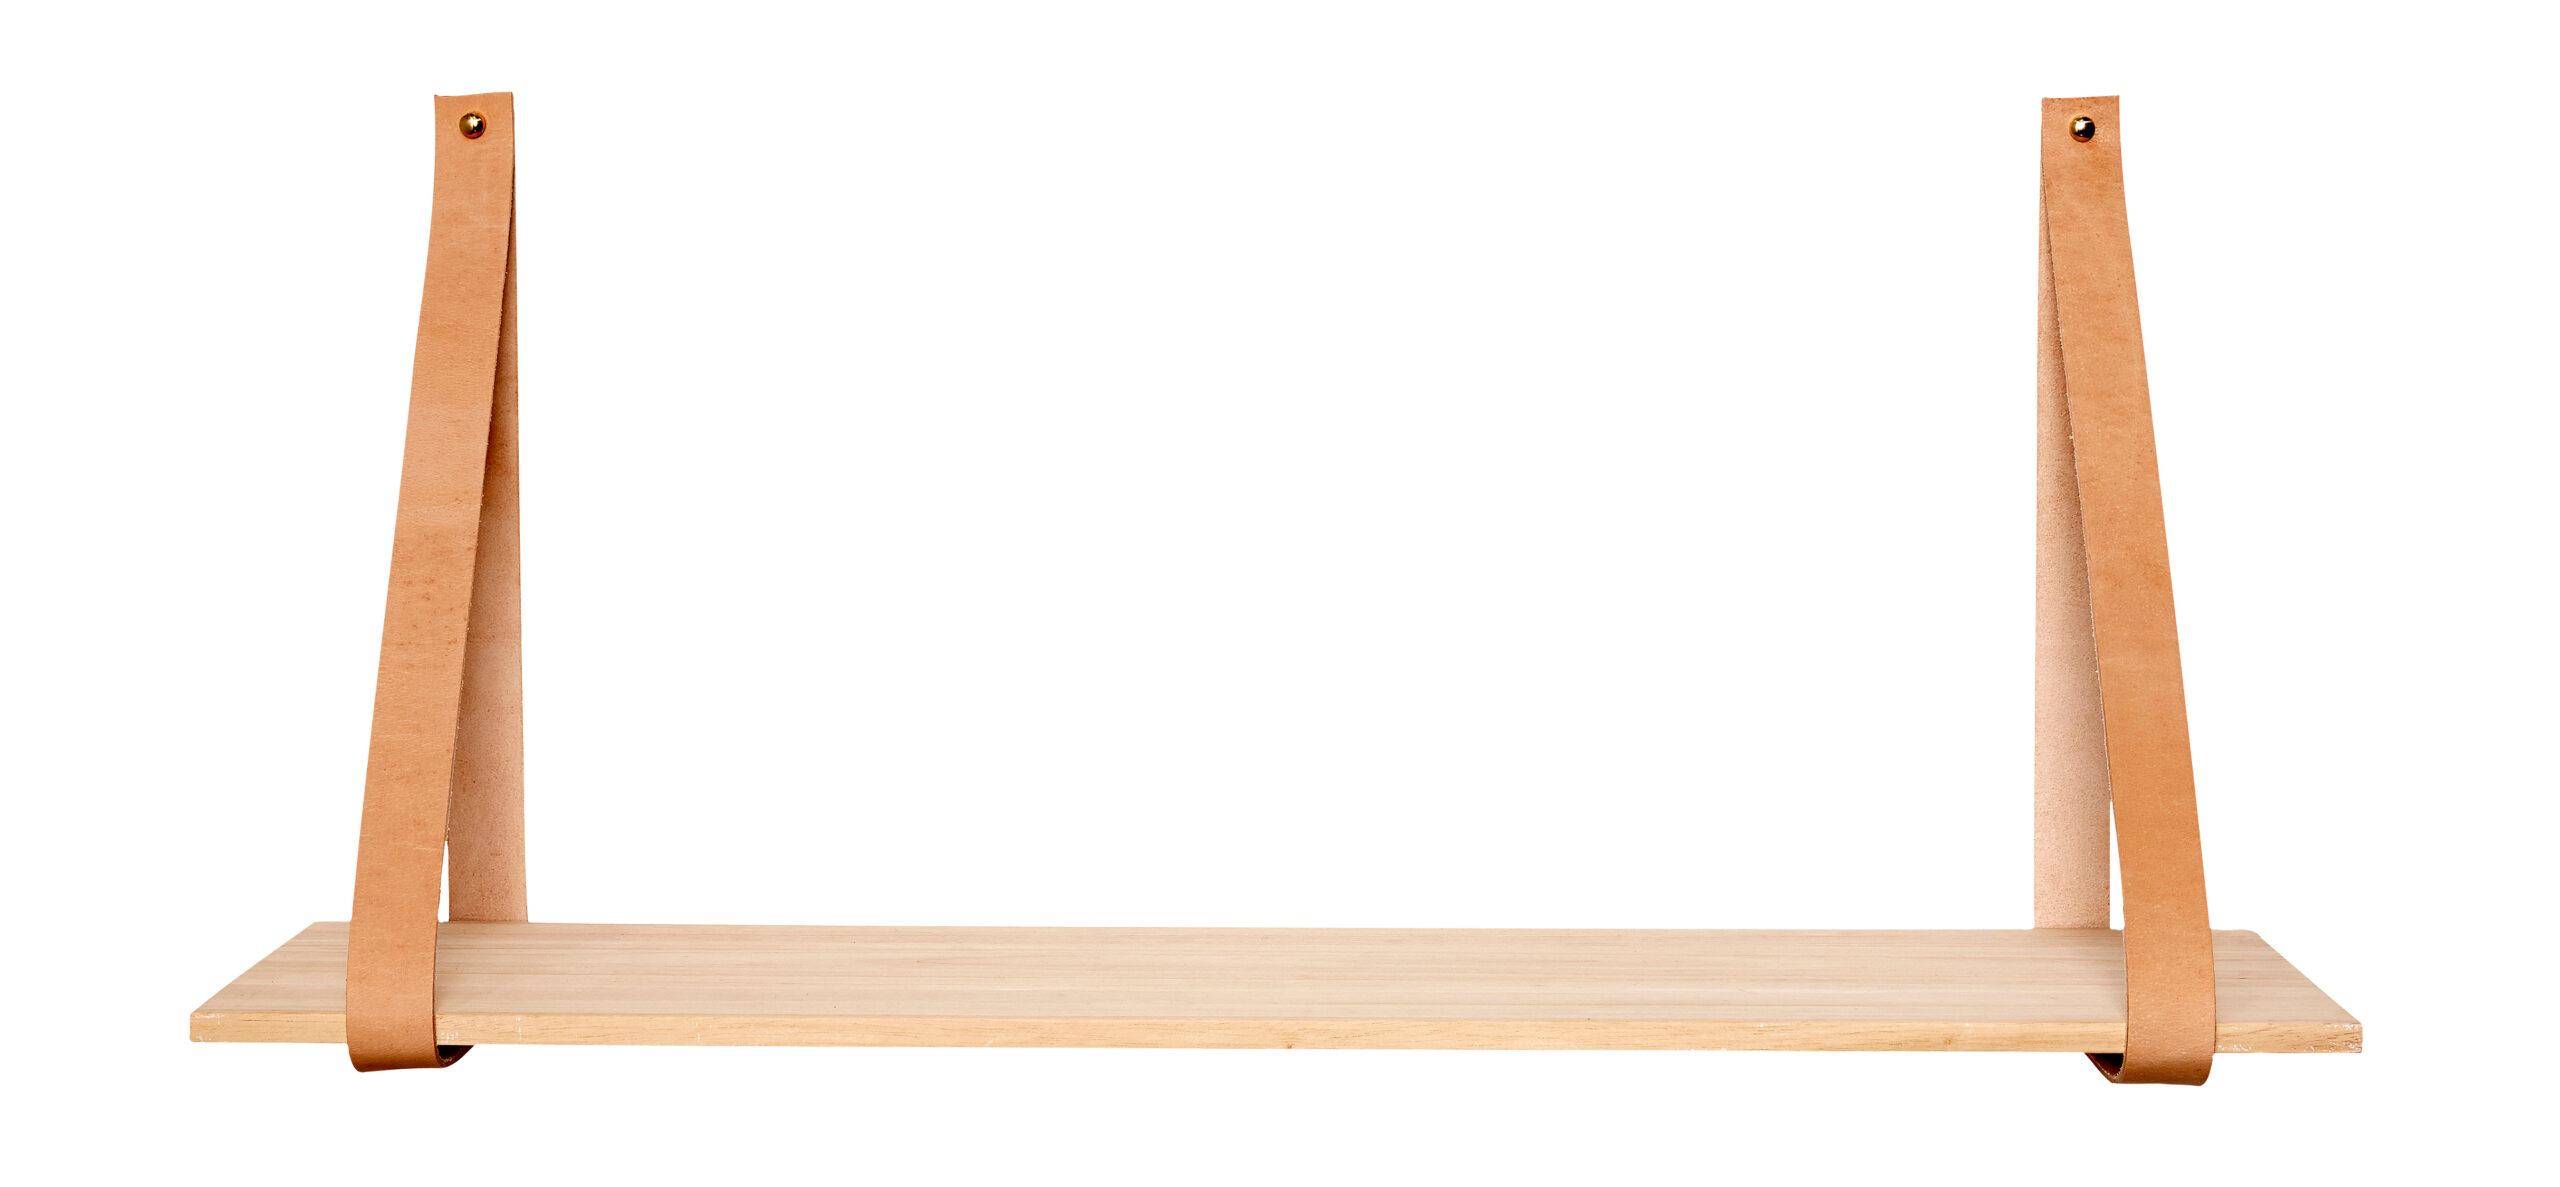 Full Size of Kleines Holzregal Klein Good Regal Wei Genial Bad Renovieren Kleine Bäder Mit Dusche Sofa Wohnzimmer Esstisch Küche Schubladen L Form Badezimmer Neu Wohnzimmer Holzregal Klein